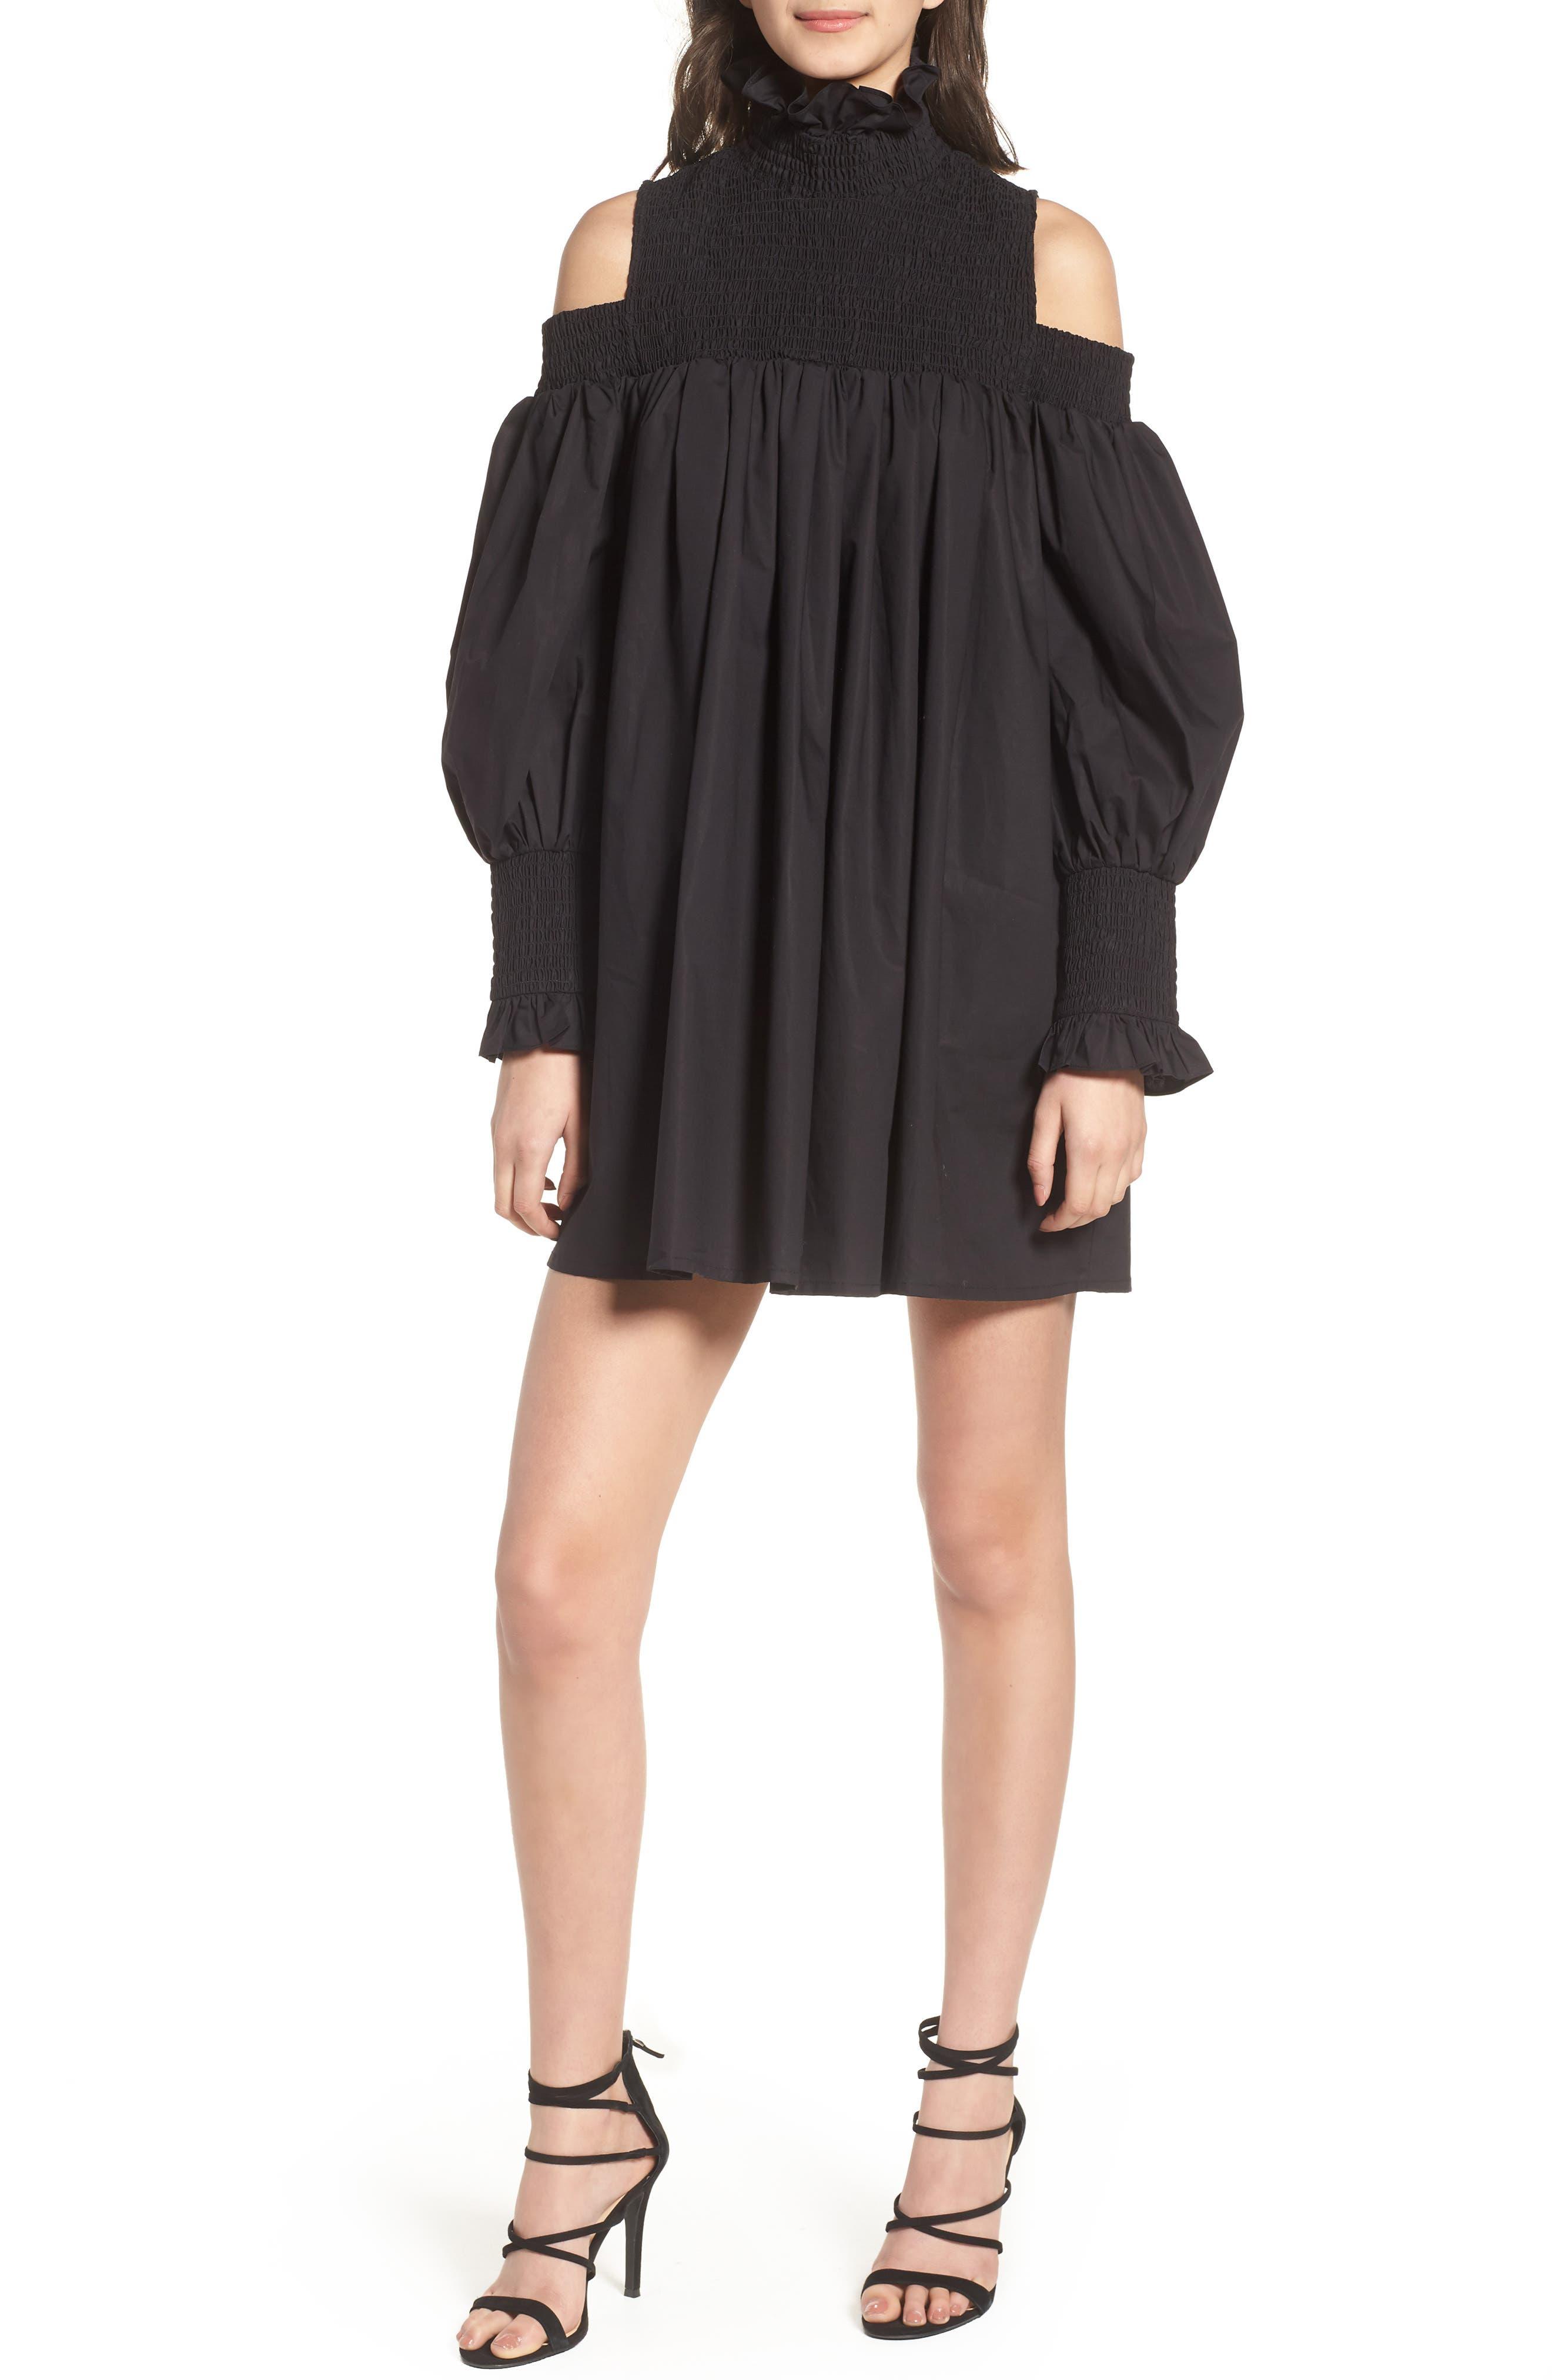 Ivy Cold Shoulder Dress,                             Main thumbnail 1, color,                             BLACK COTTON